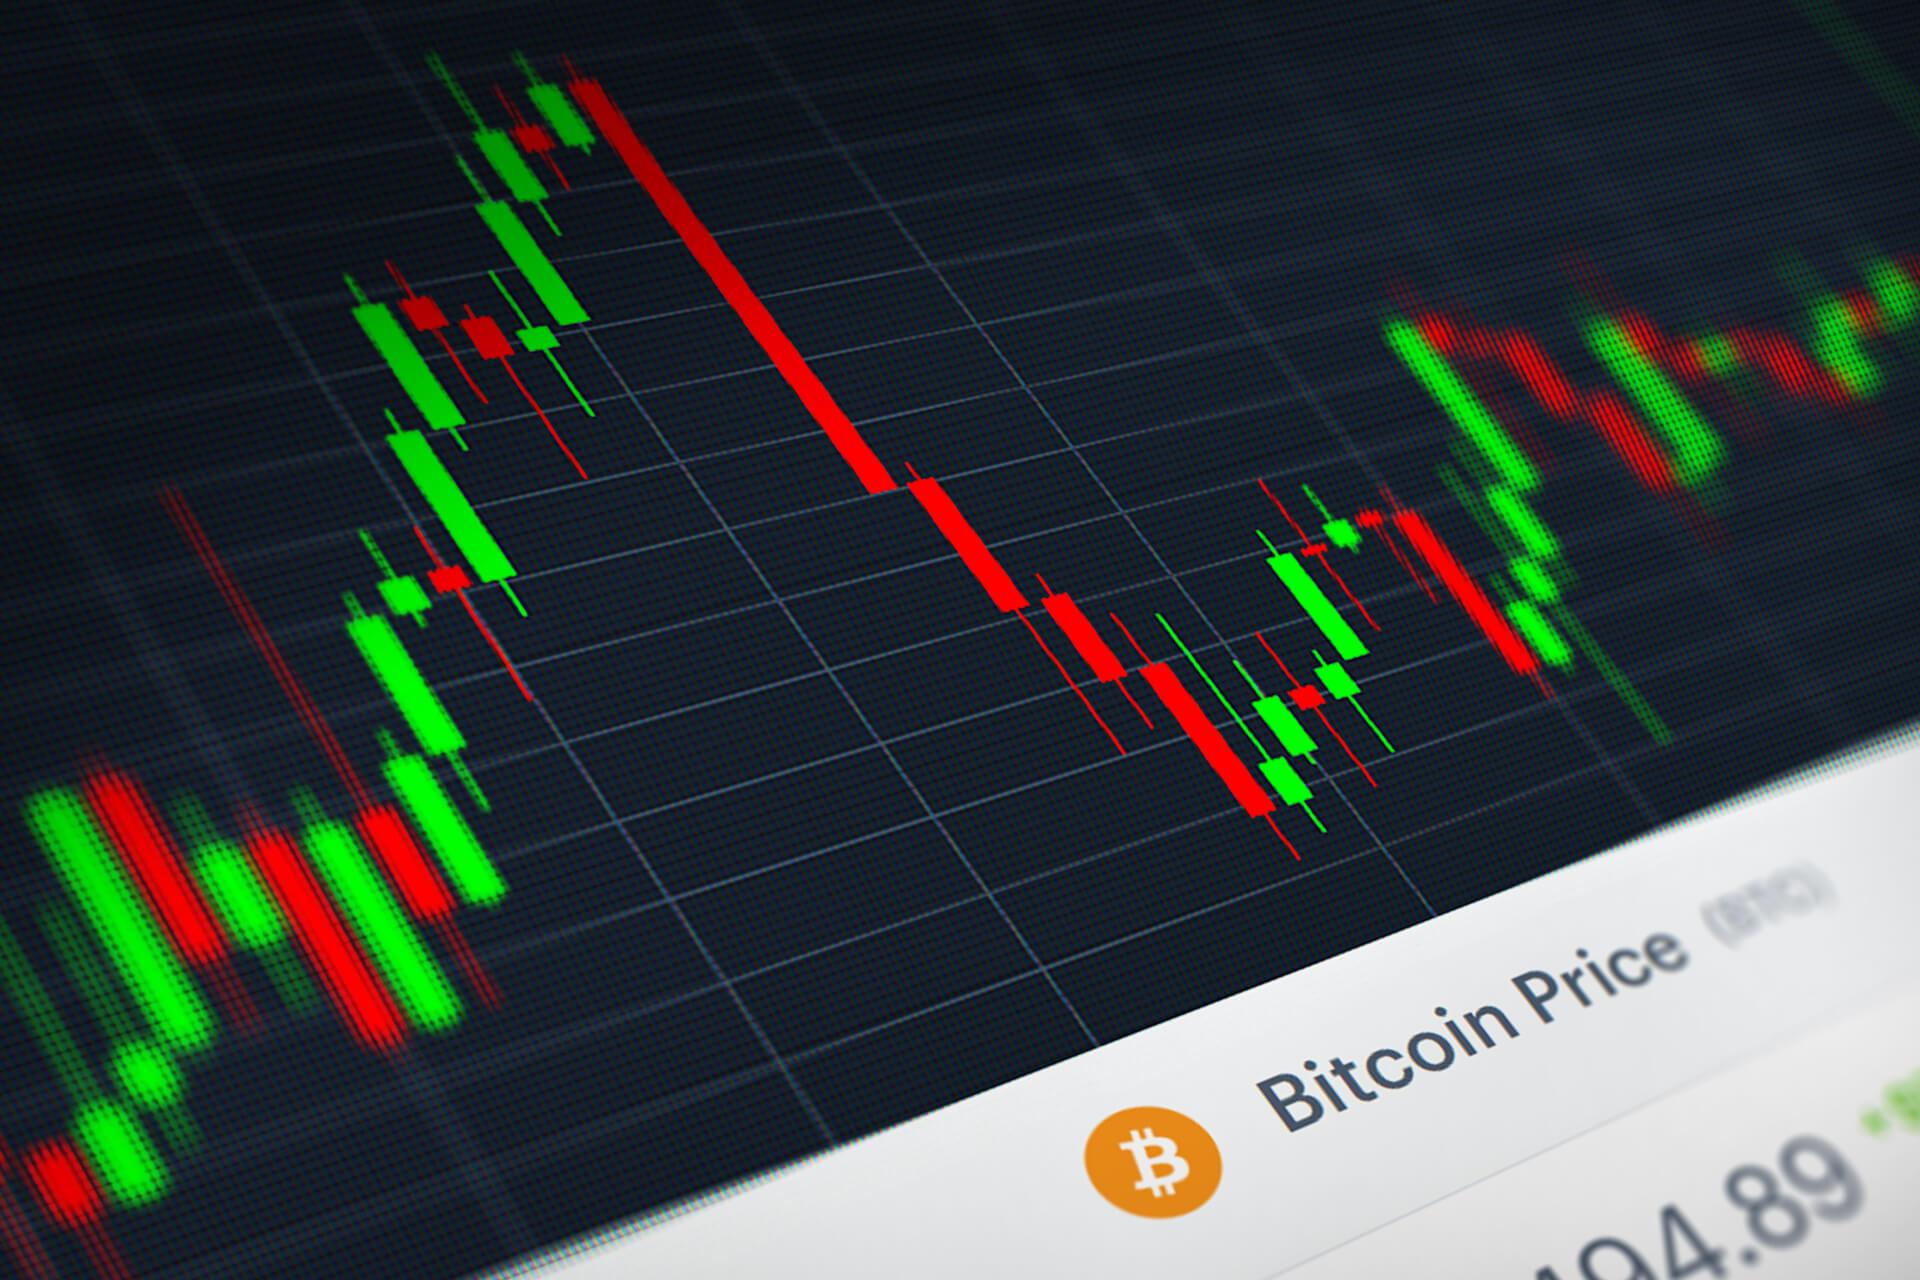 Bitcoin ár grafikon I CryptofalkaBitcoin ár grafikon I Cryptofalka